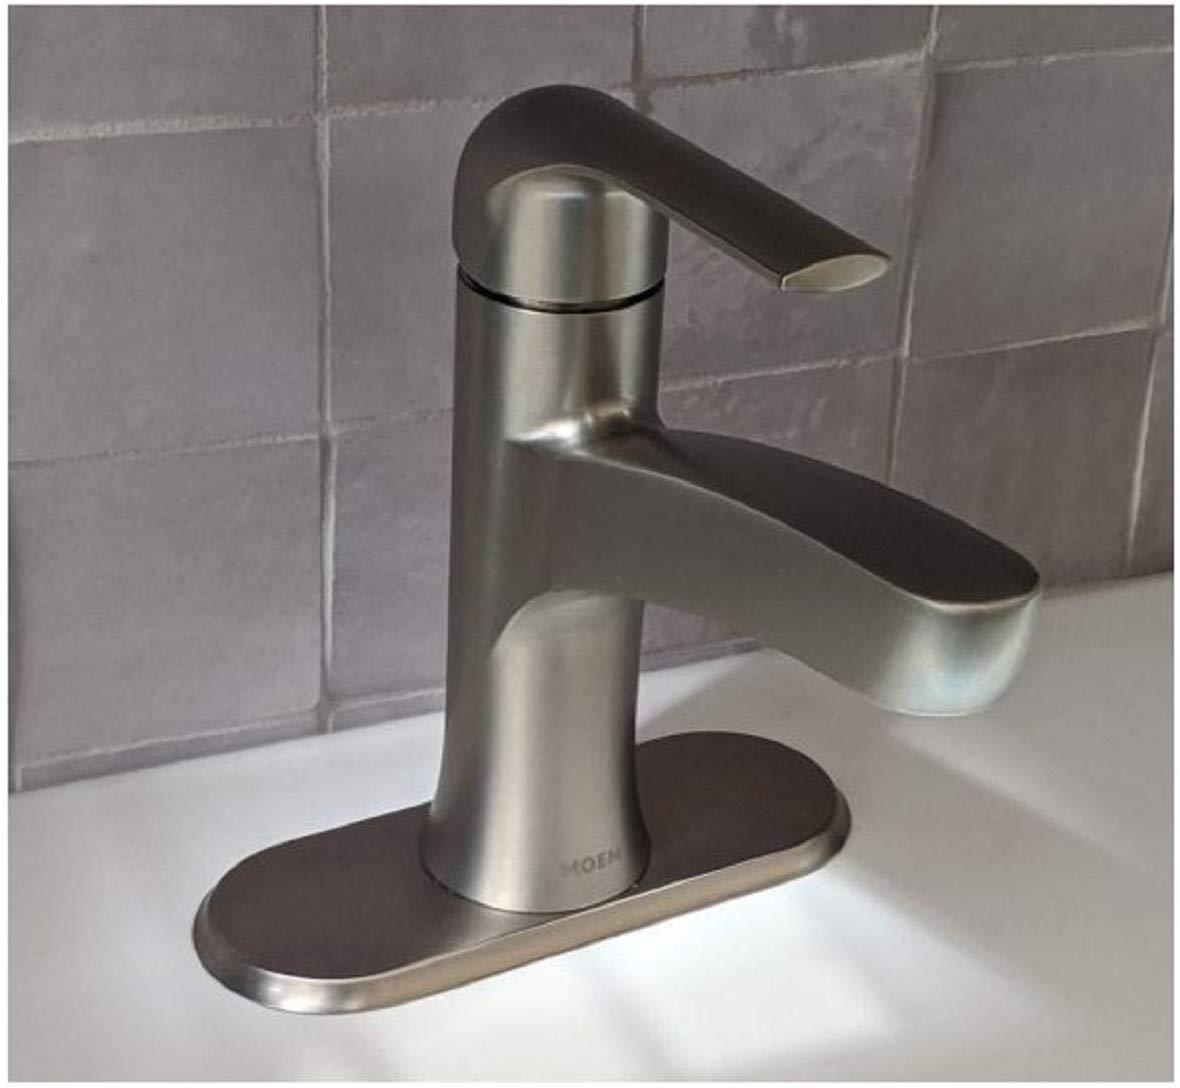 Moen Tilson Single Handle Bathroom Faucet in Brushed Nickel $19.97 @ Costco B&M YMMV (membership required)